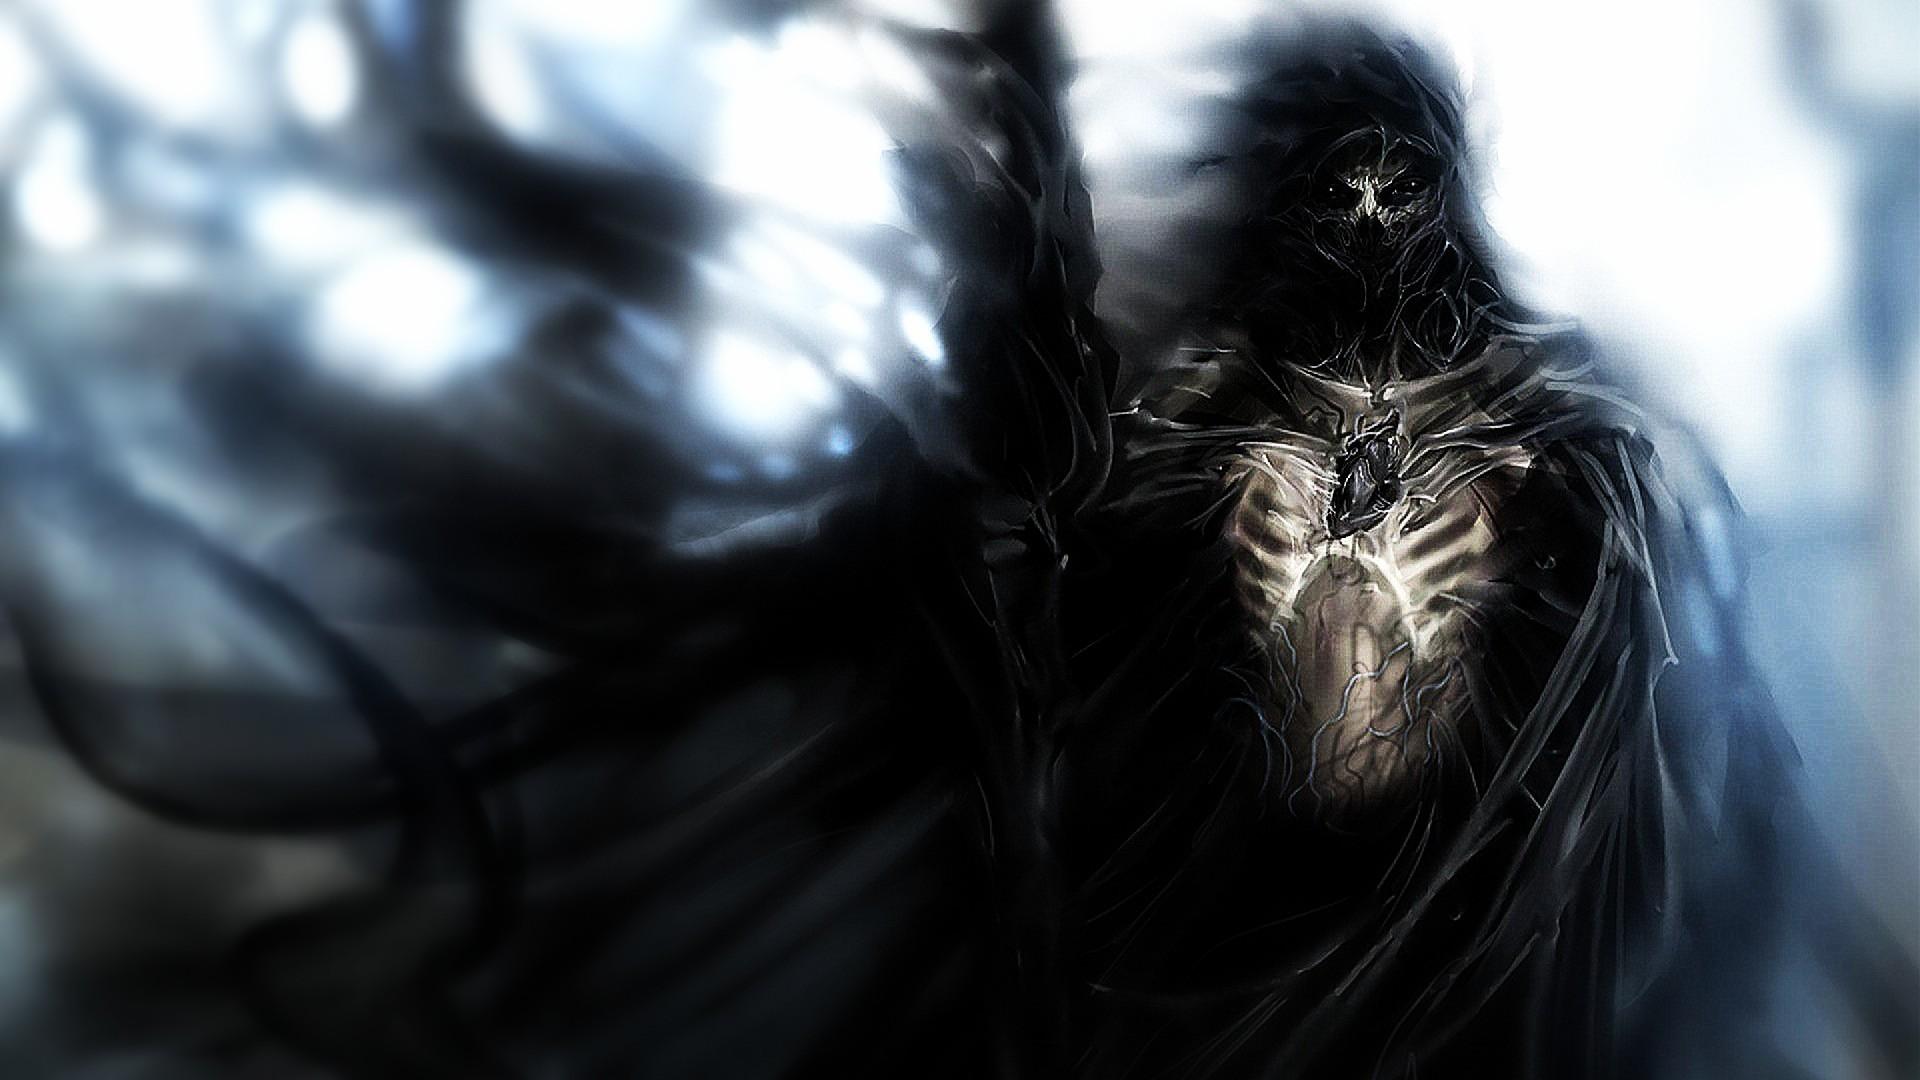 Death Knight HD Wallpaper – WallpaperSafari